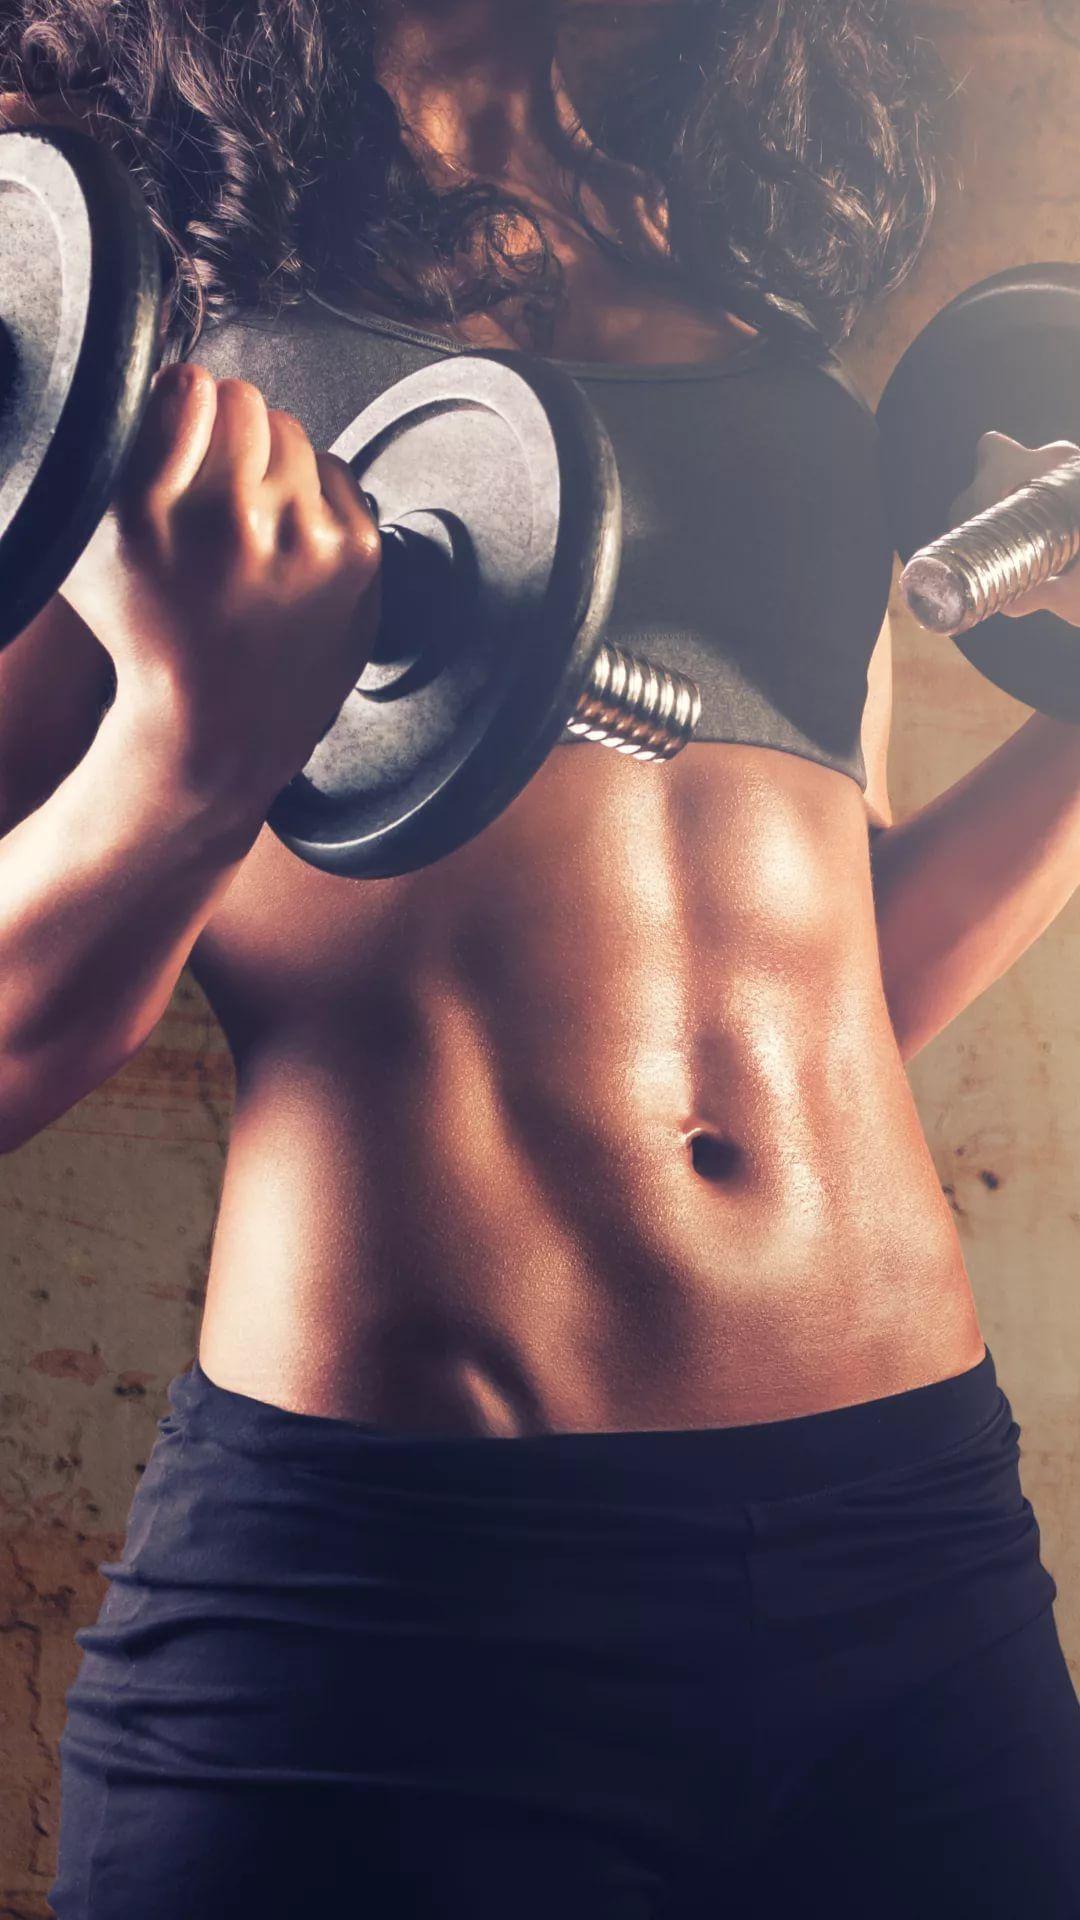 Weight Loss Motivation iPhone 7 wallpaper